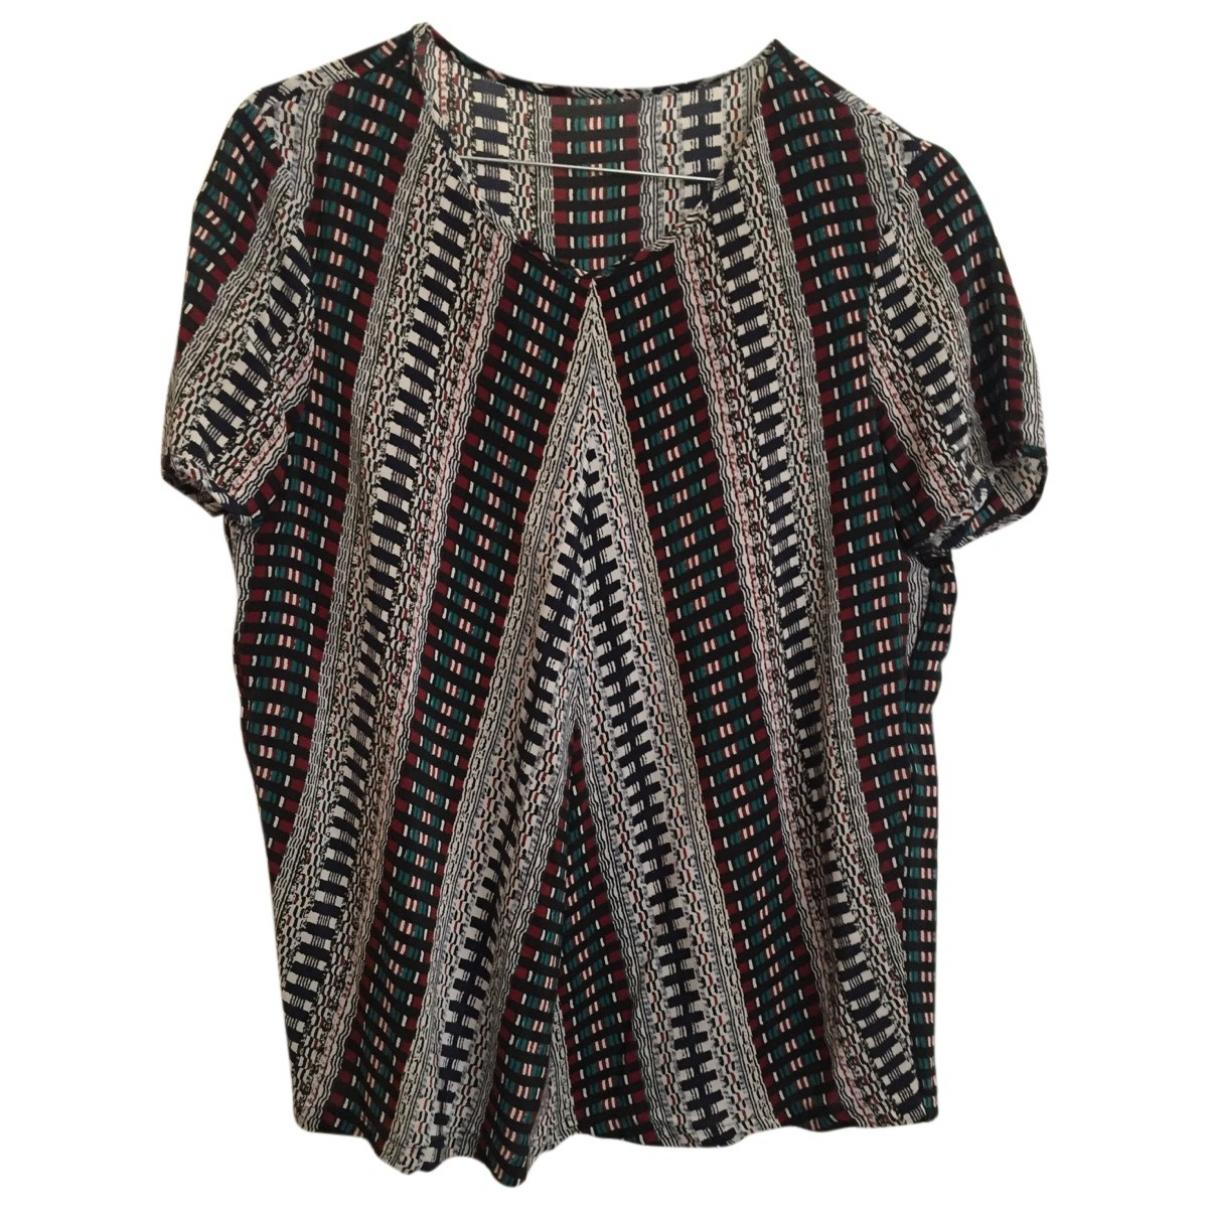 Maje - Top   pour femme en soie - multicolore